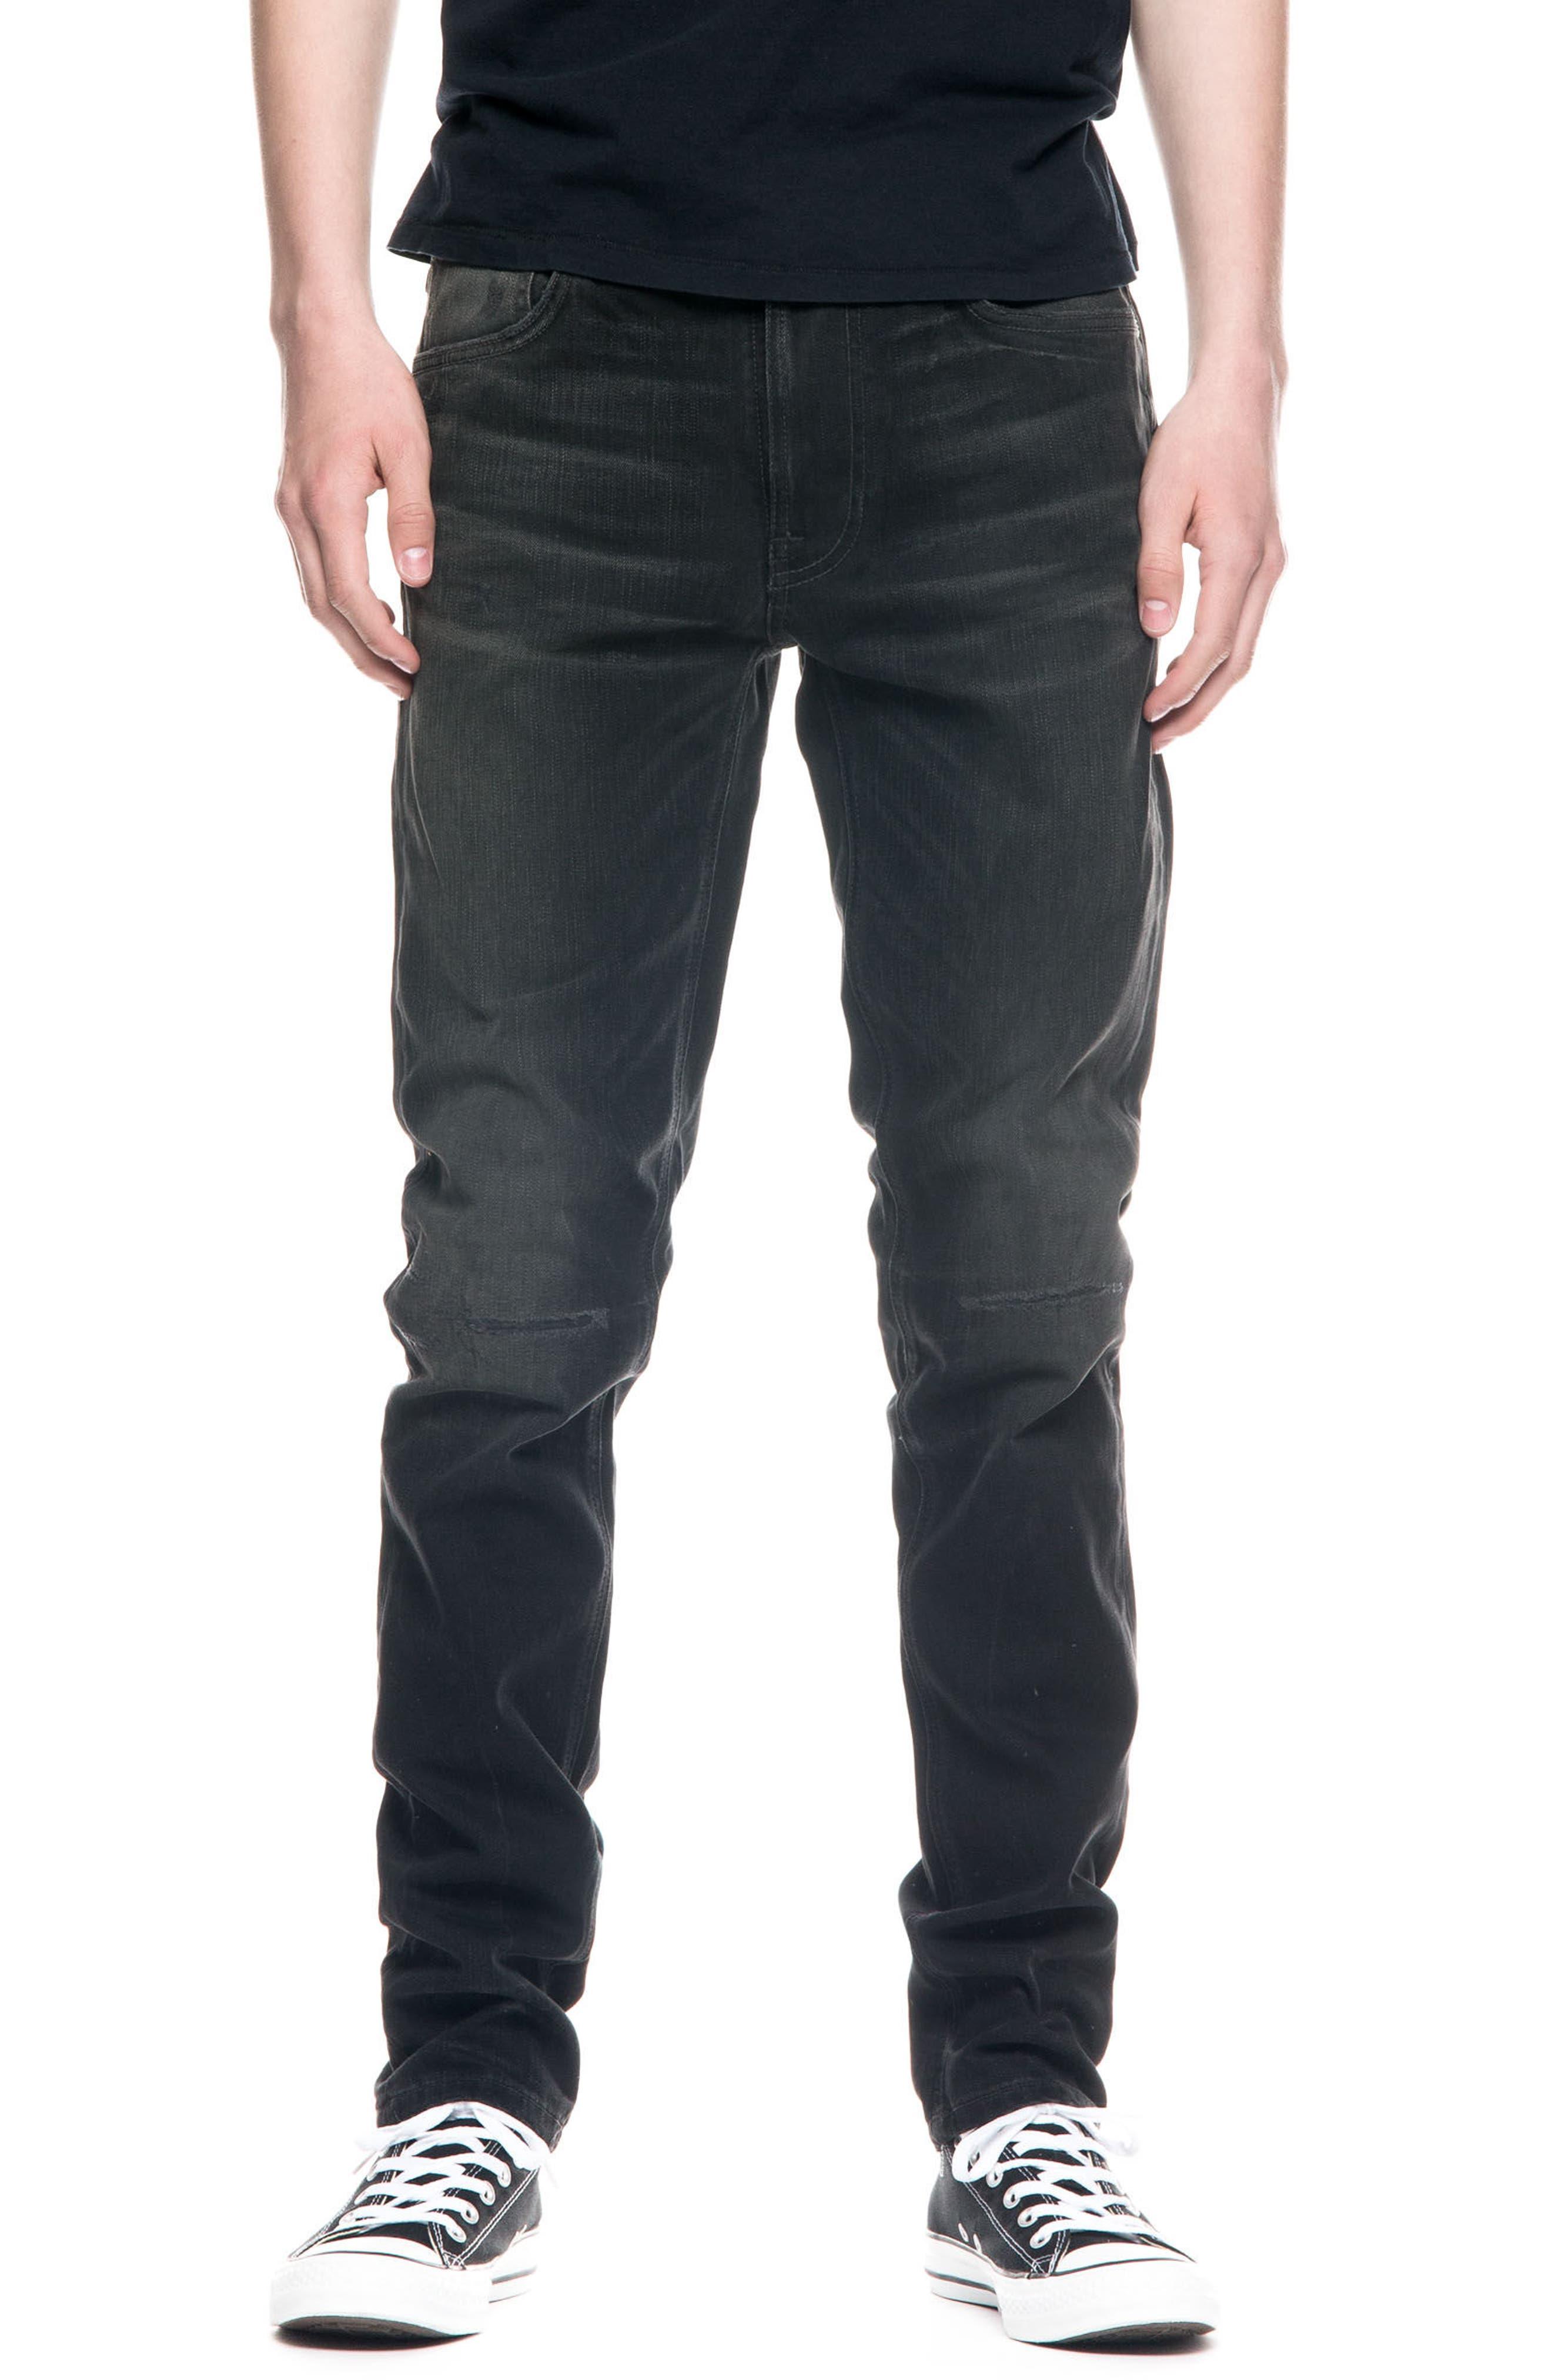 Alternate Image 1 Selected - Nudie Jeans Lean Dean Slouchy Slim Fit Jeans (Johan Replica)